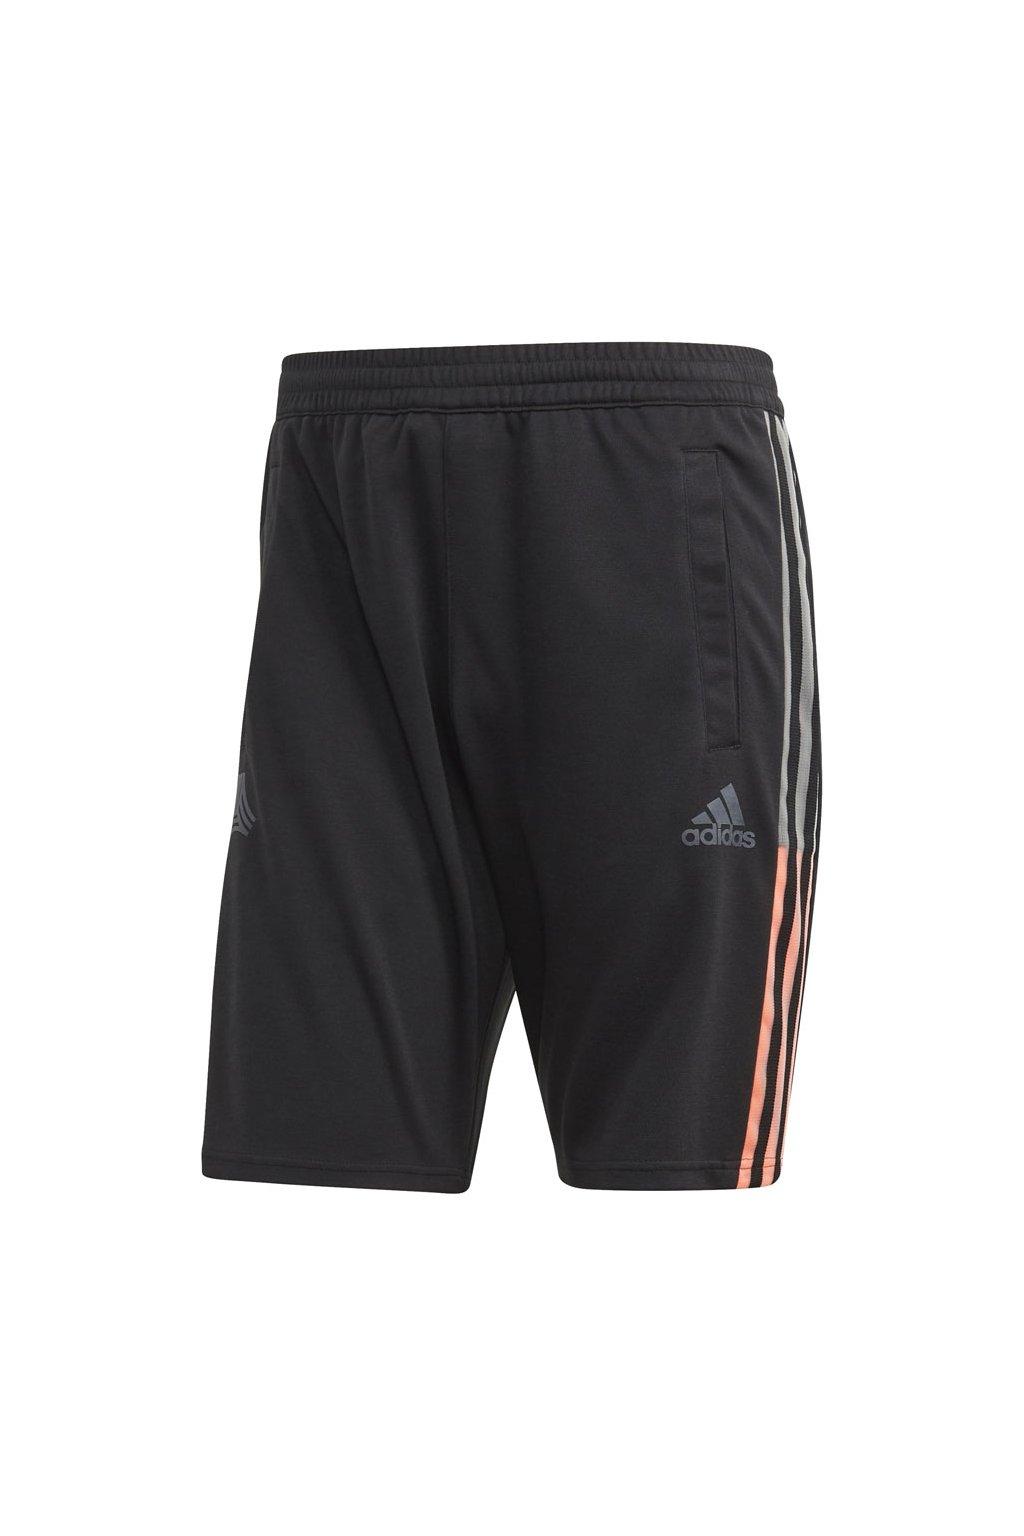 Pánske šortky Adidas Tango L FP7905 čierne